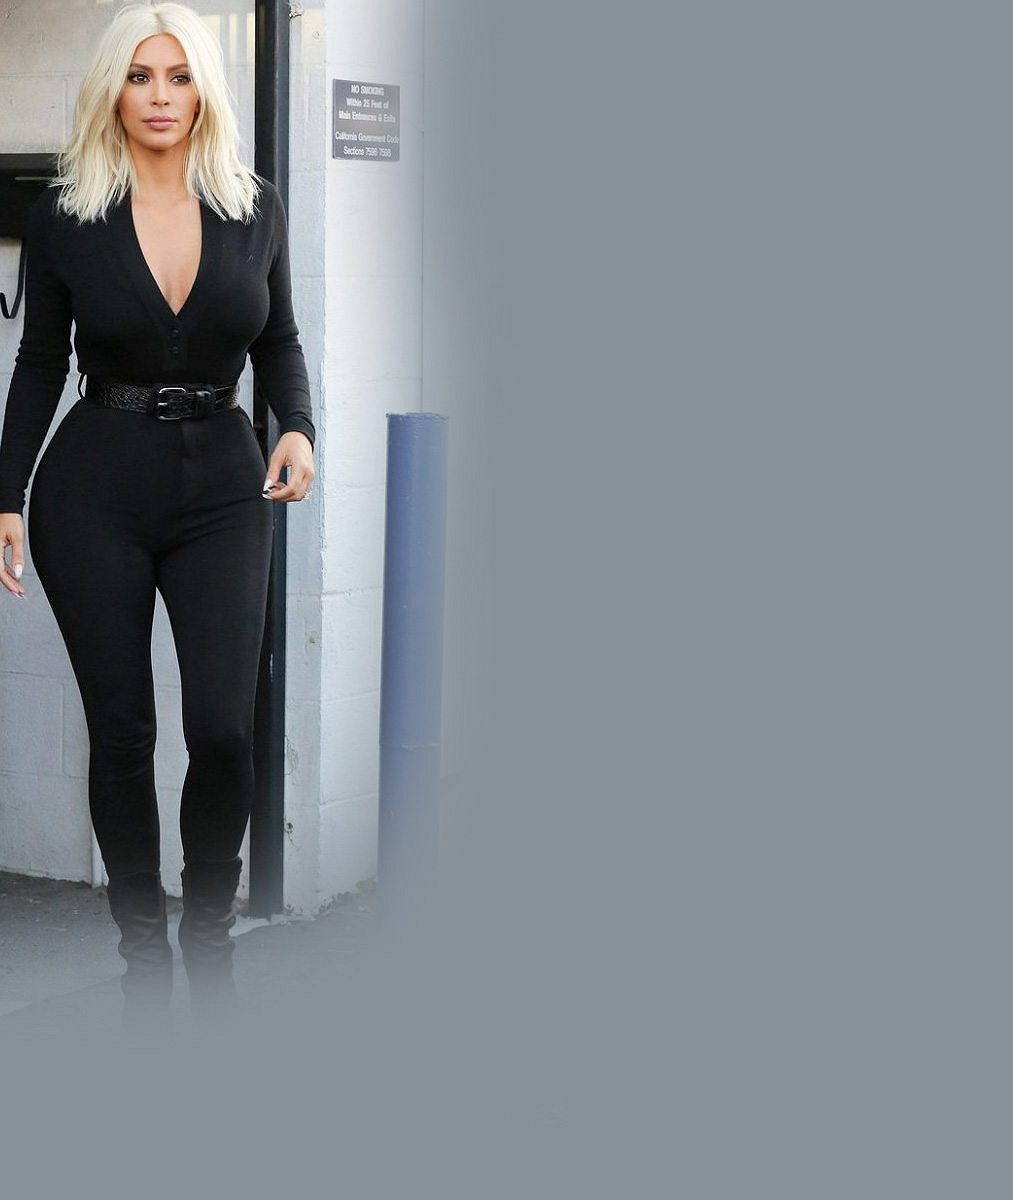 Spustí Kim v rodině lavinu odbarvování? Takhle by jako blondýny vypadaly všechny Kardashianky